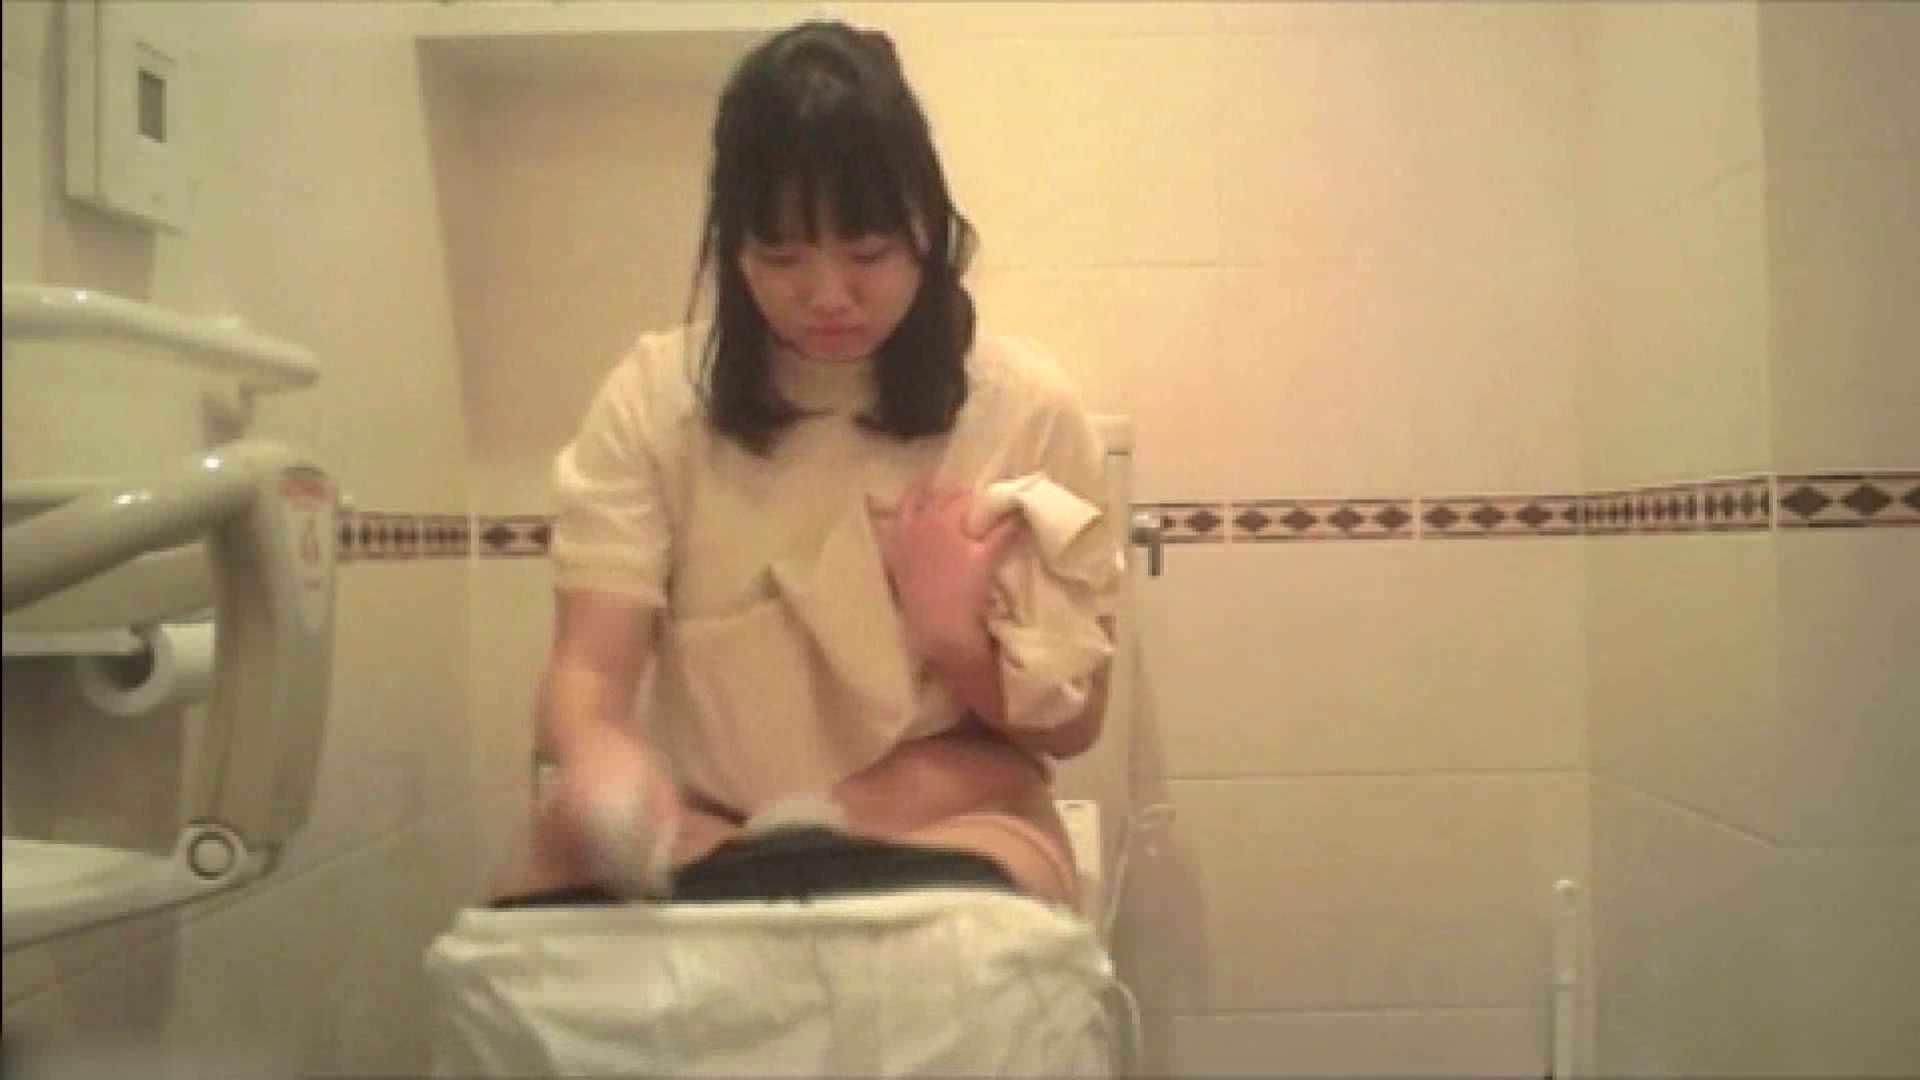 実録!!綺麗なお姉さんのトイレ事情・・・。vol.18 お姉さんのエッチ | OLヌード天国  104PIX 3